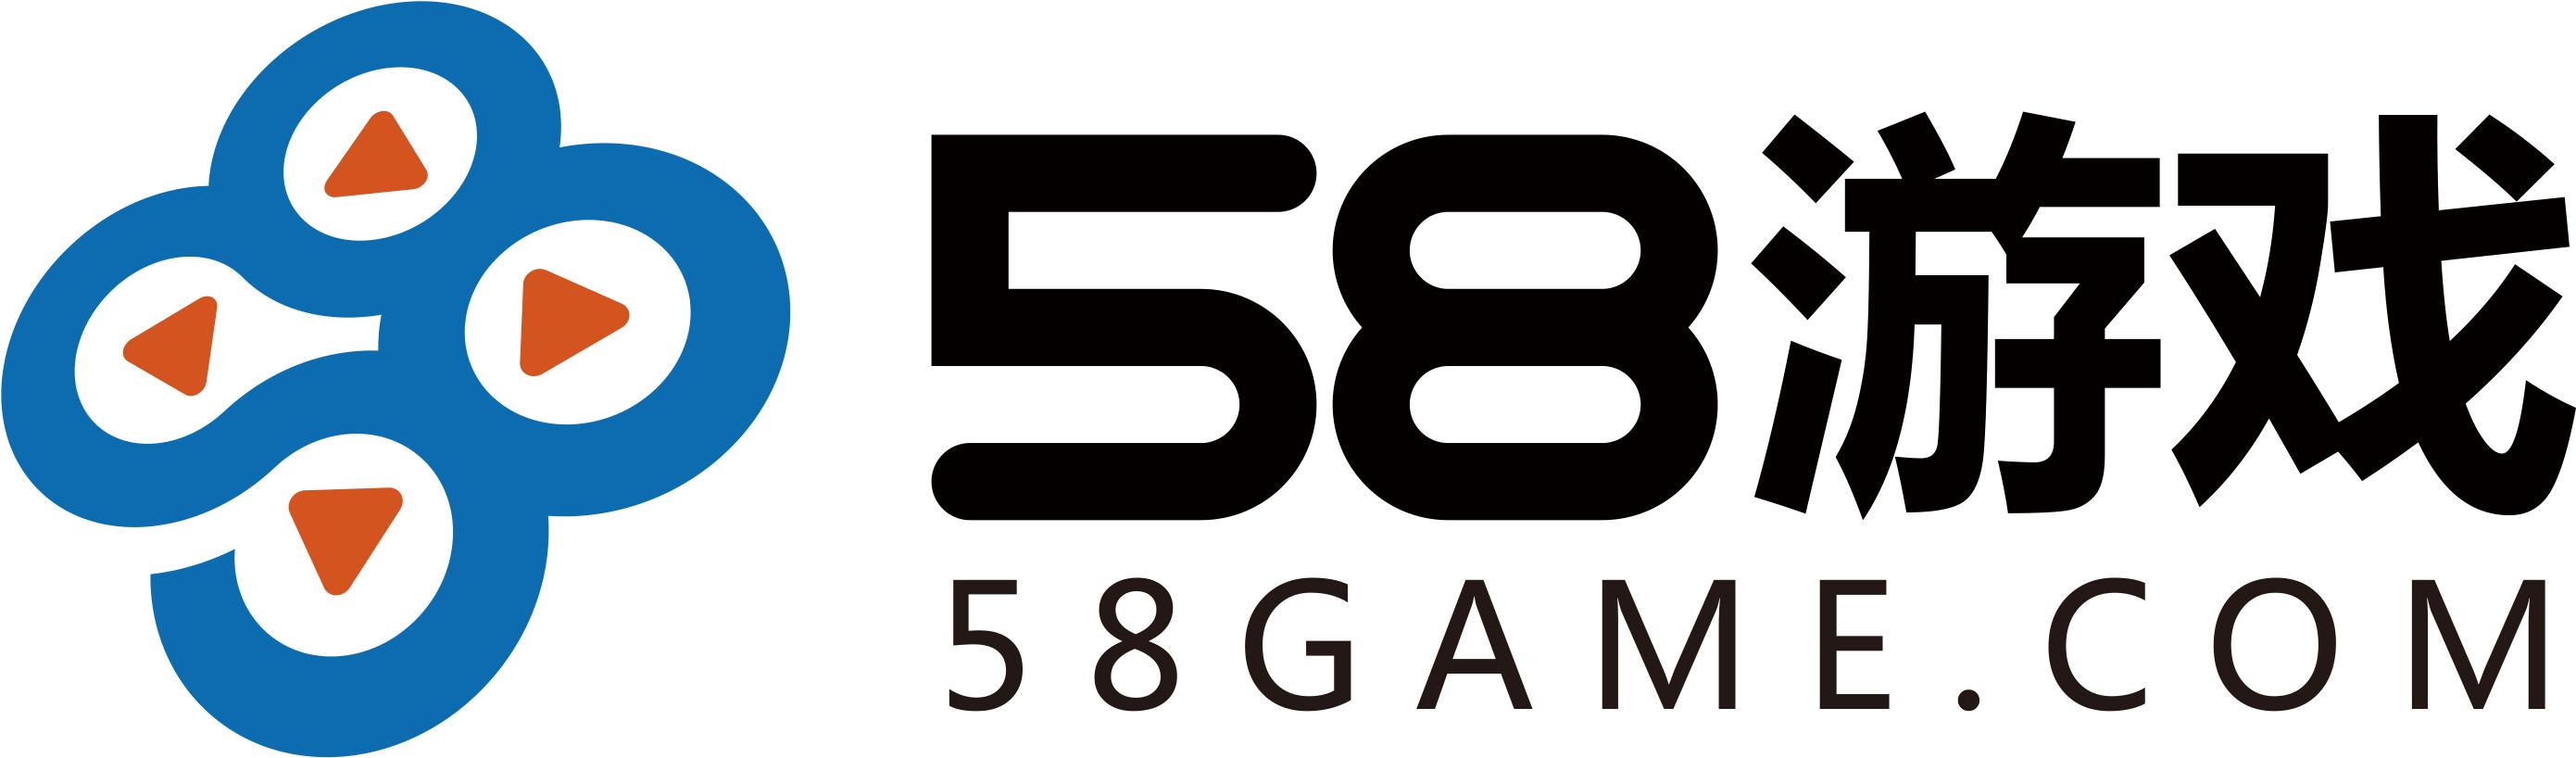 logo 标识 标志 设计 矢量 矢量图 素材 图标 2781_818